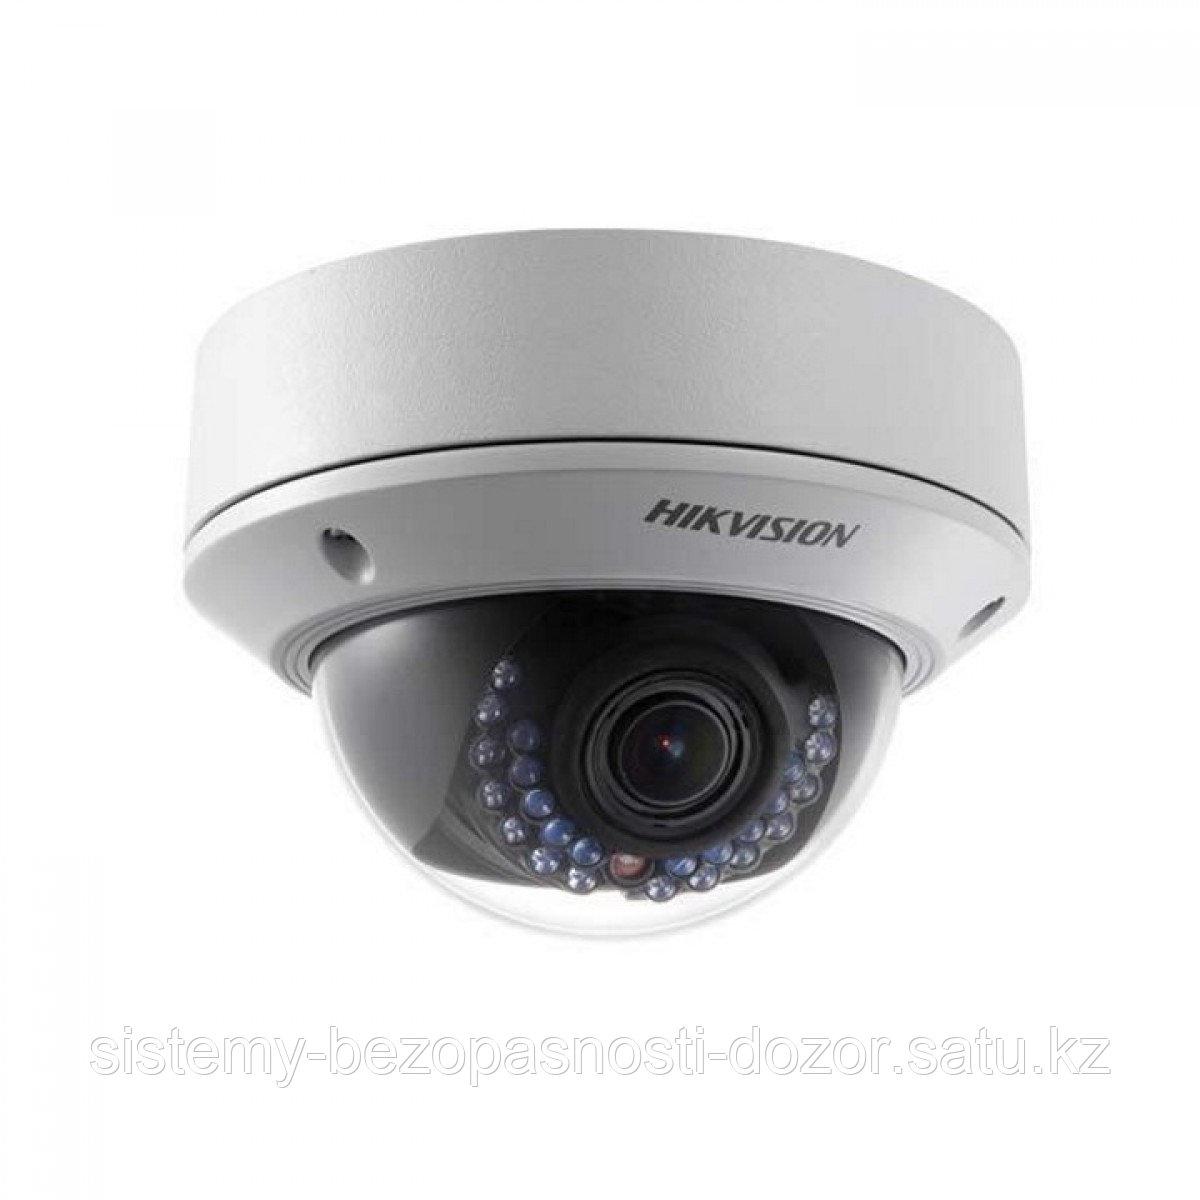 IP Камера видеонаблюдения Hikvision DS-2CD2722FWD-IZ